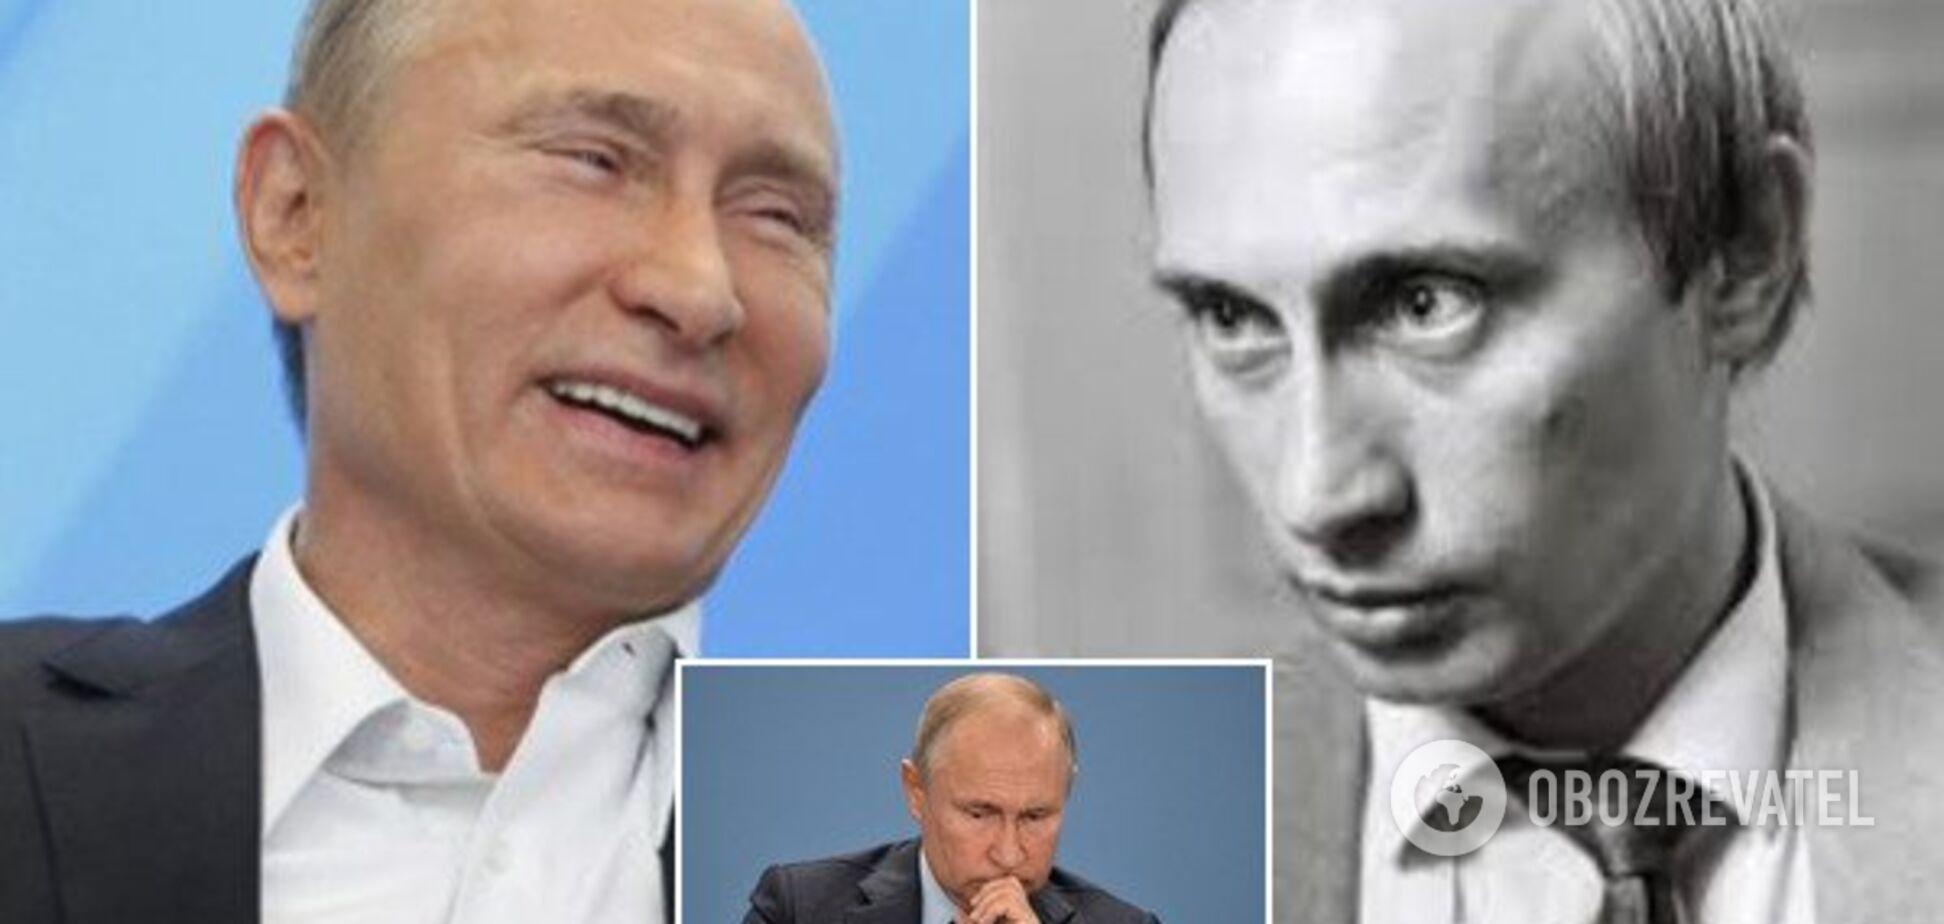 Путіну – 67: як виглядають двійники президента Росії